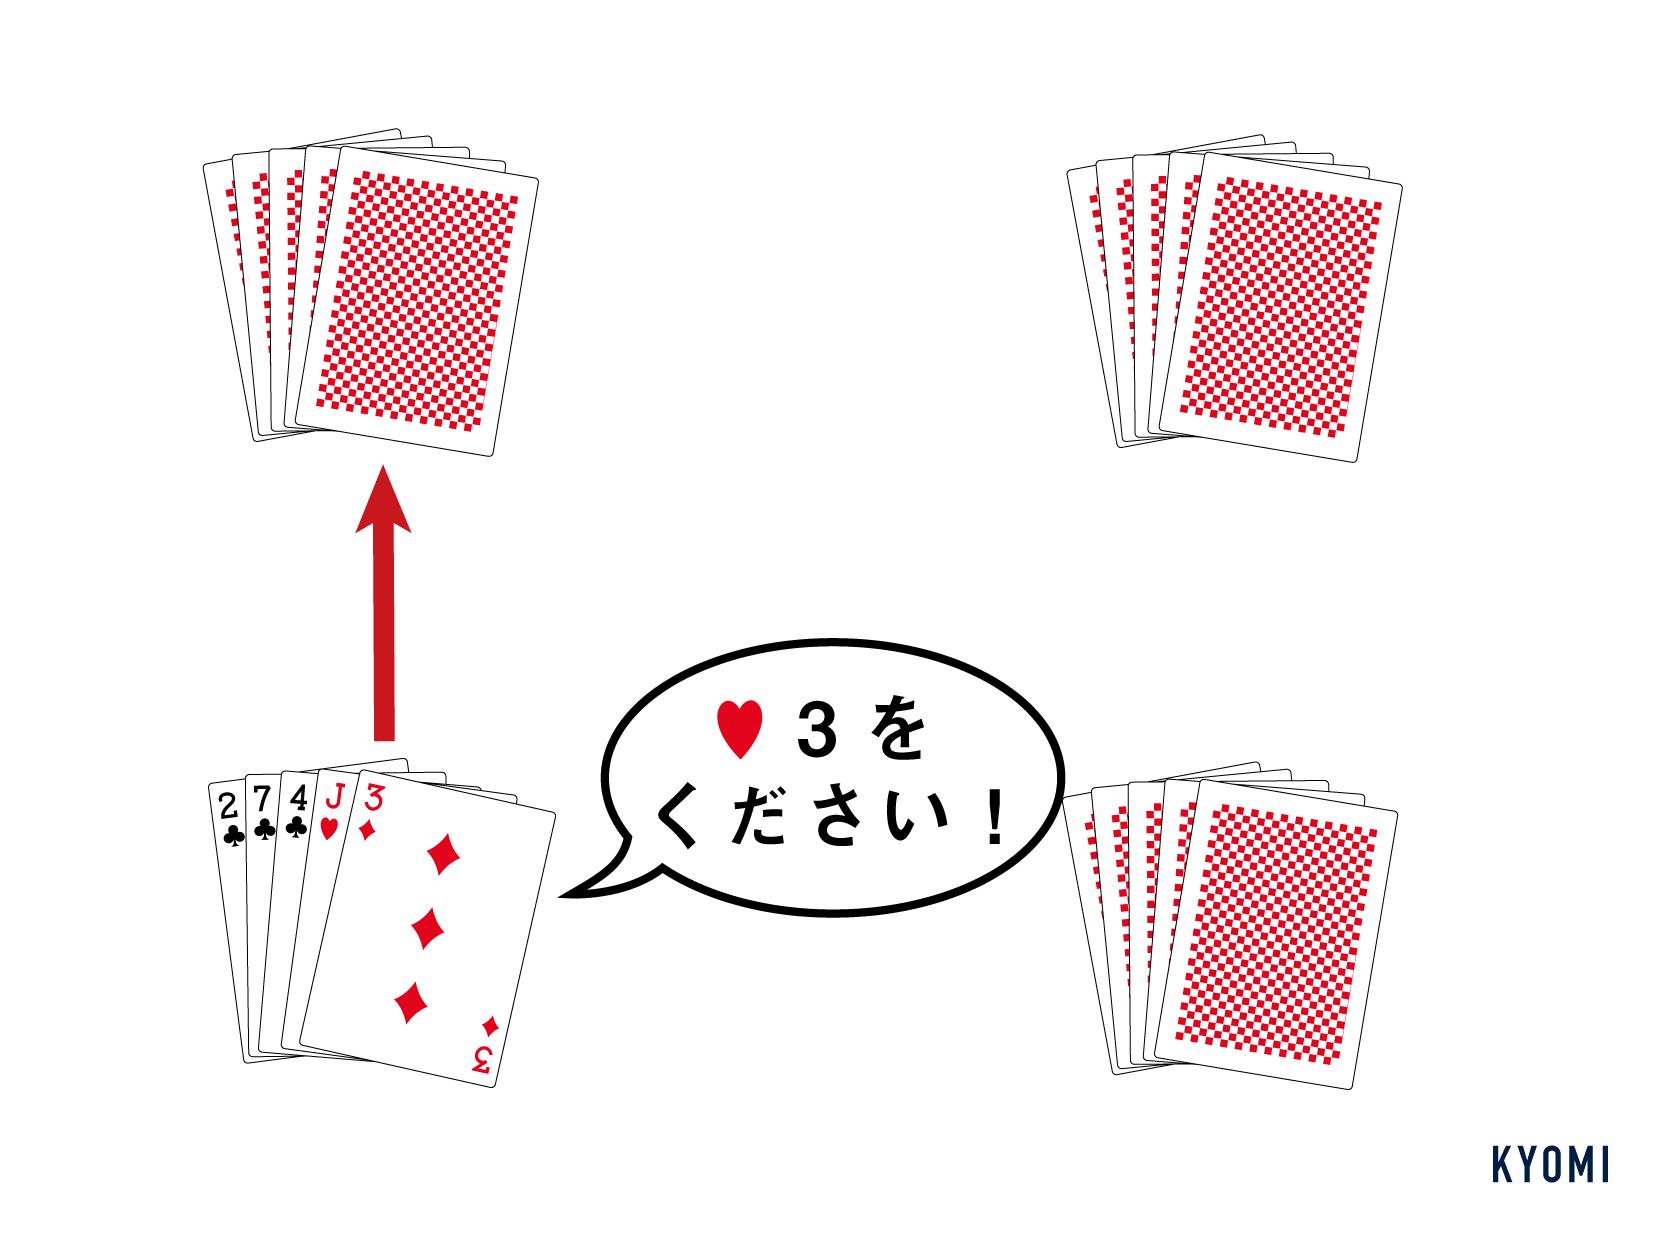 オーサー-図-カード要求